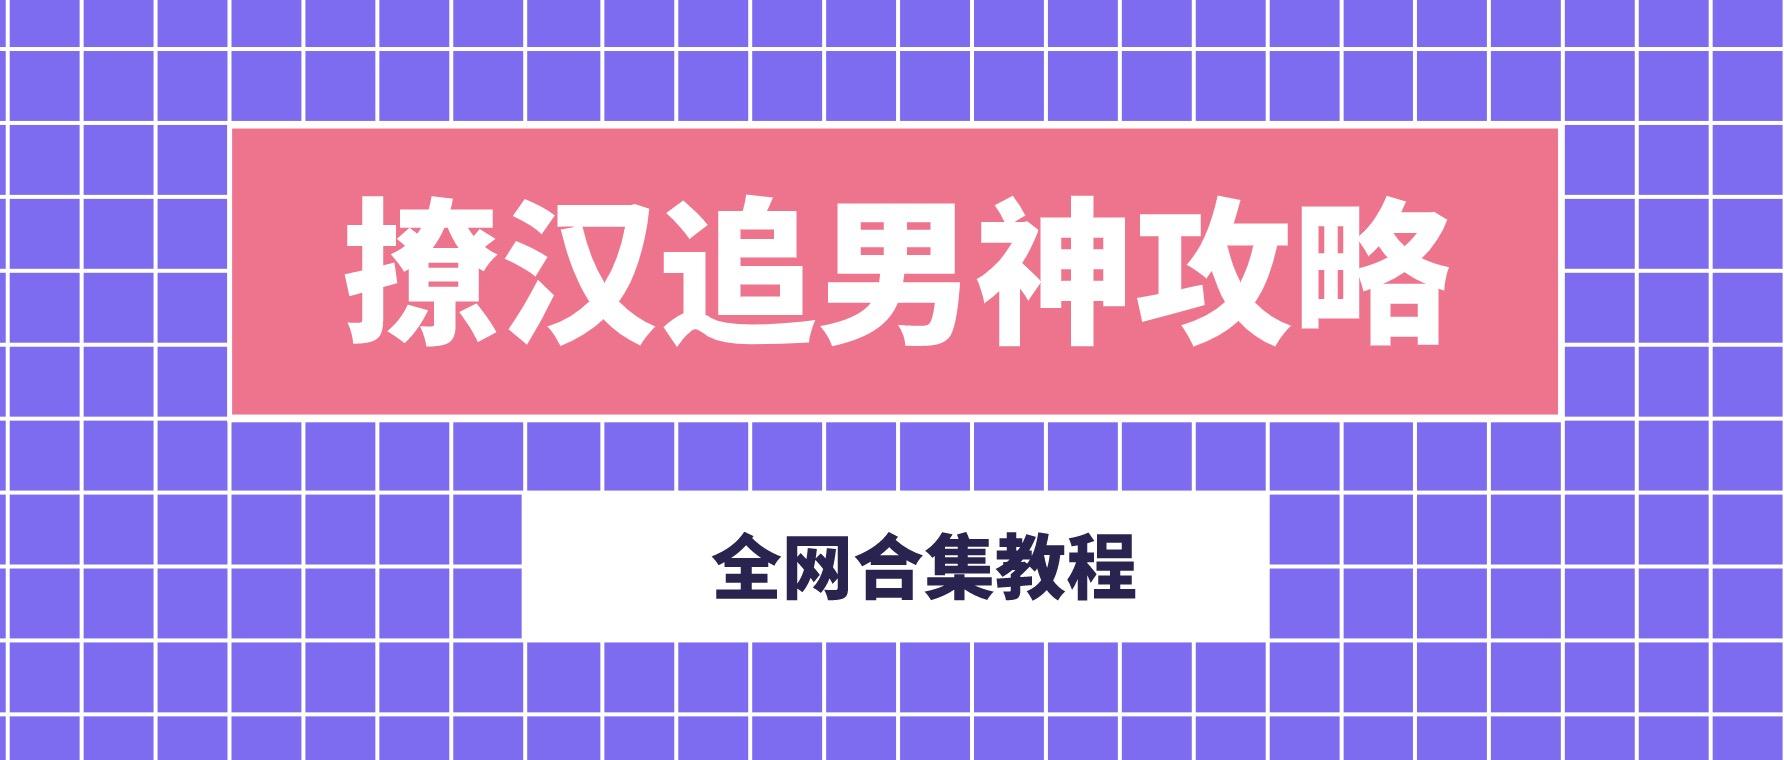 撩汉追男神攻略合集 百度网盘